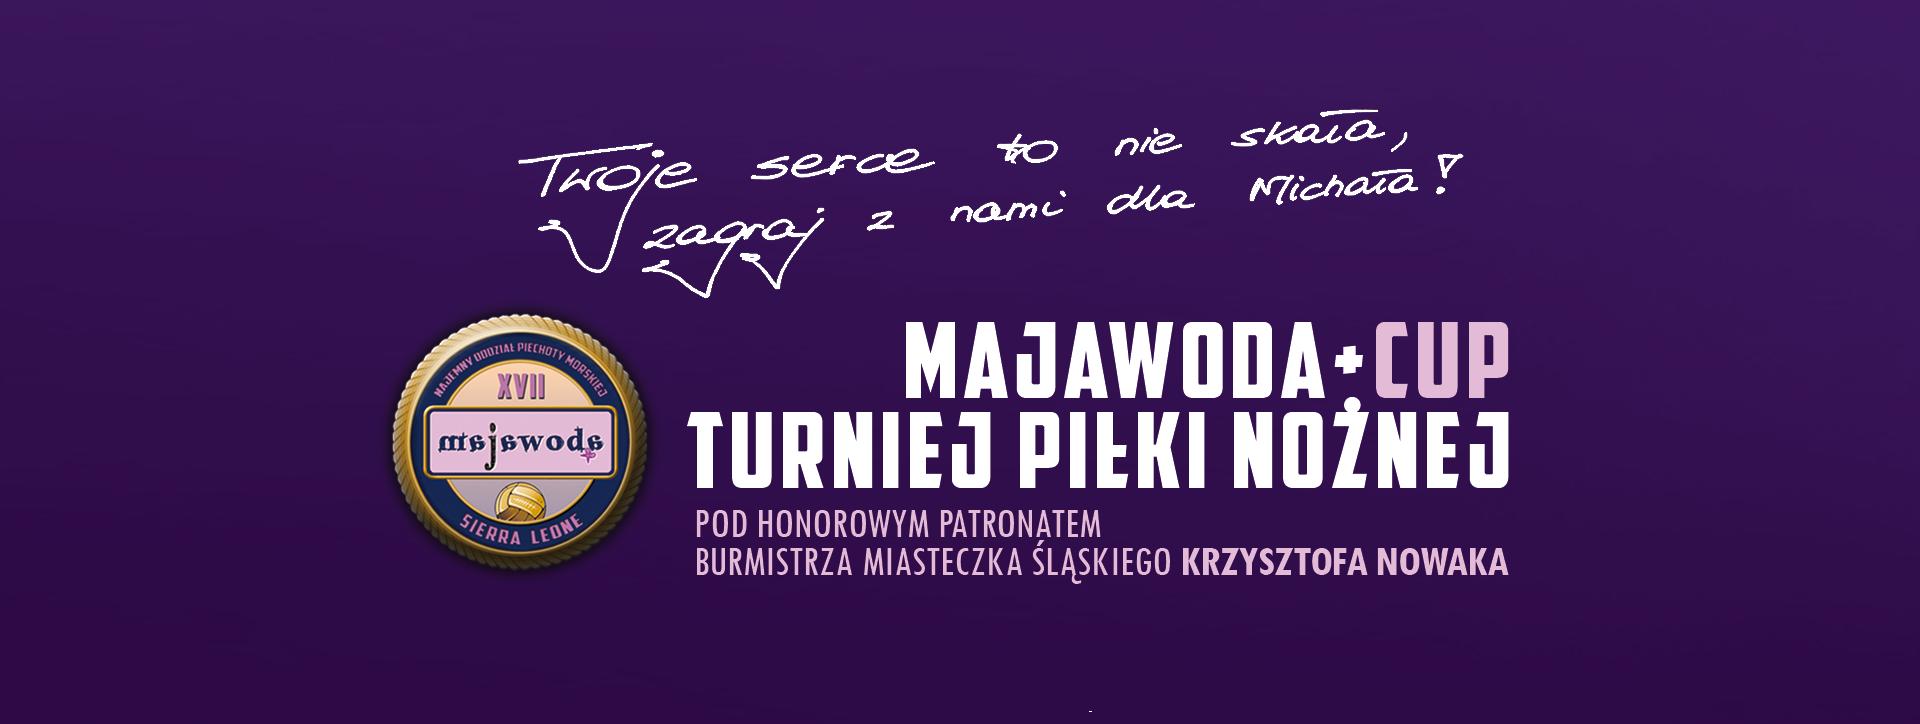 """III turniej charytatywny """"Majawoda+ Cup"""". Razem gramy dla 9-letniego Michała!"""